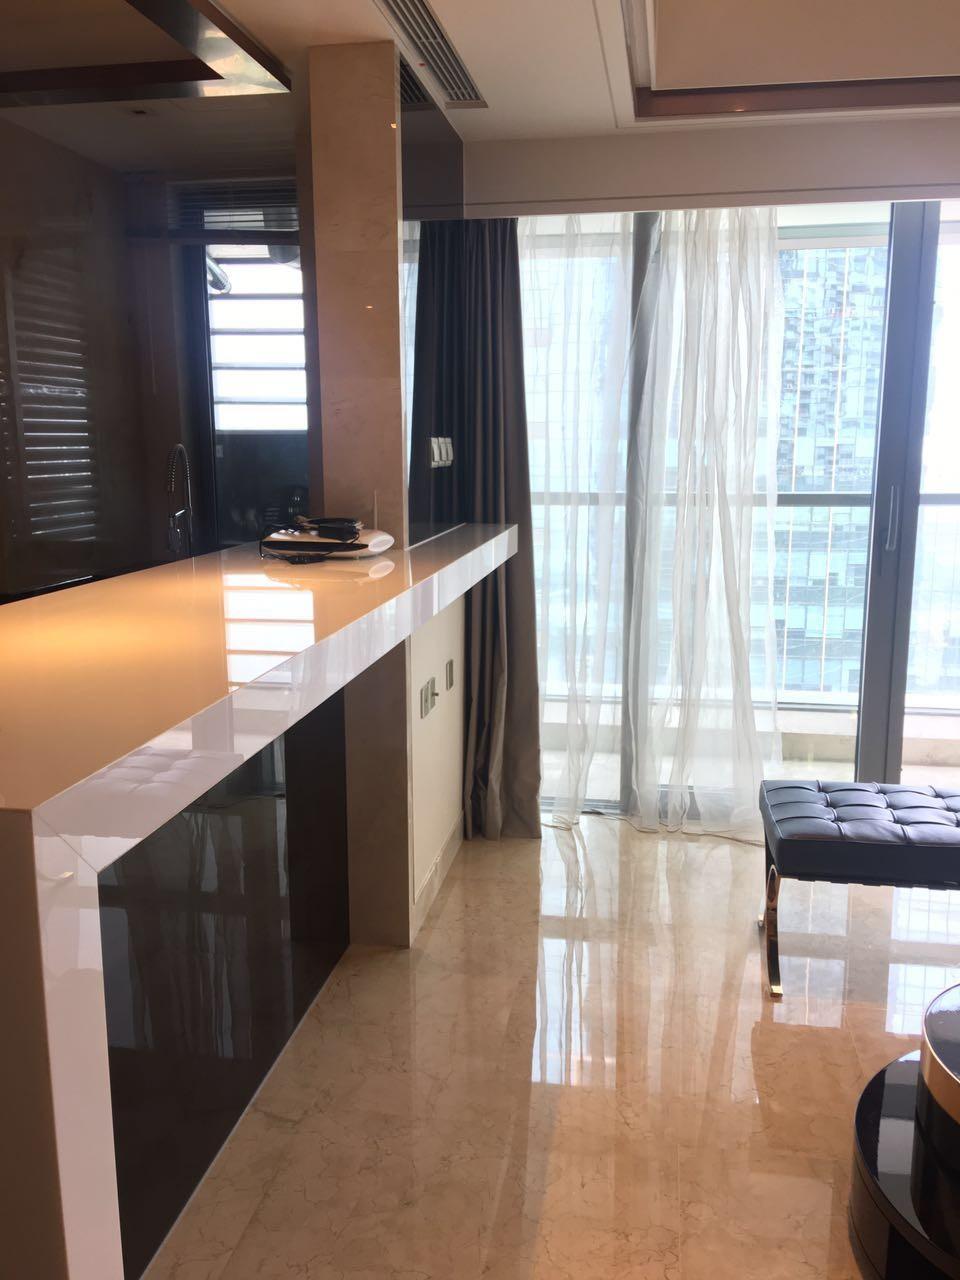 新房出租,装修温馨,配置全齐,适合两口之家和情侣